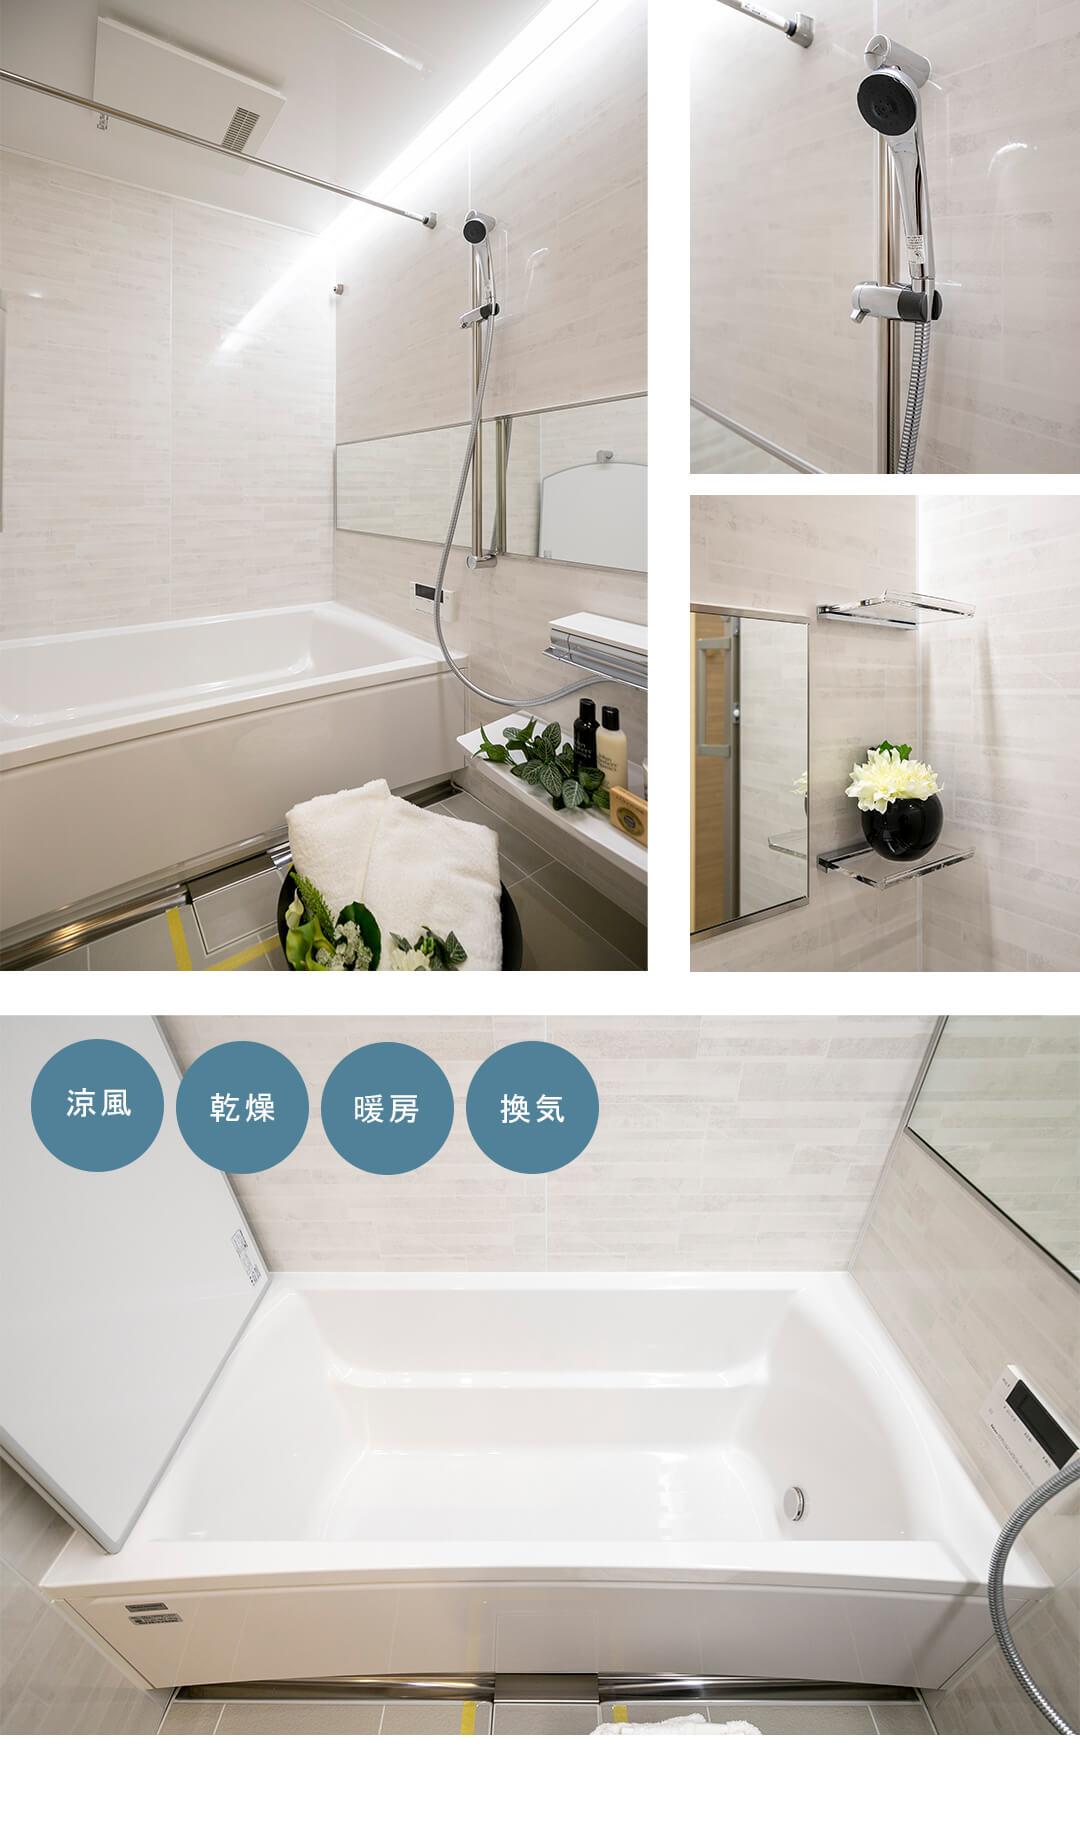 コートレジデントタワーの浴室